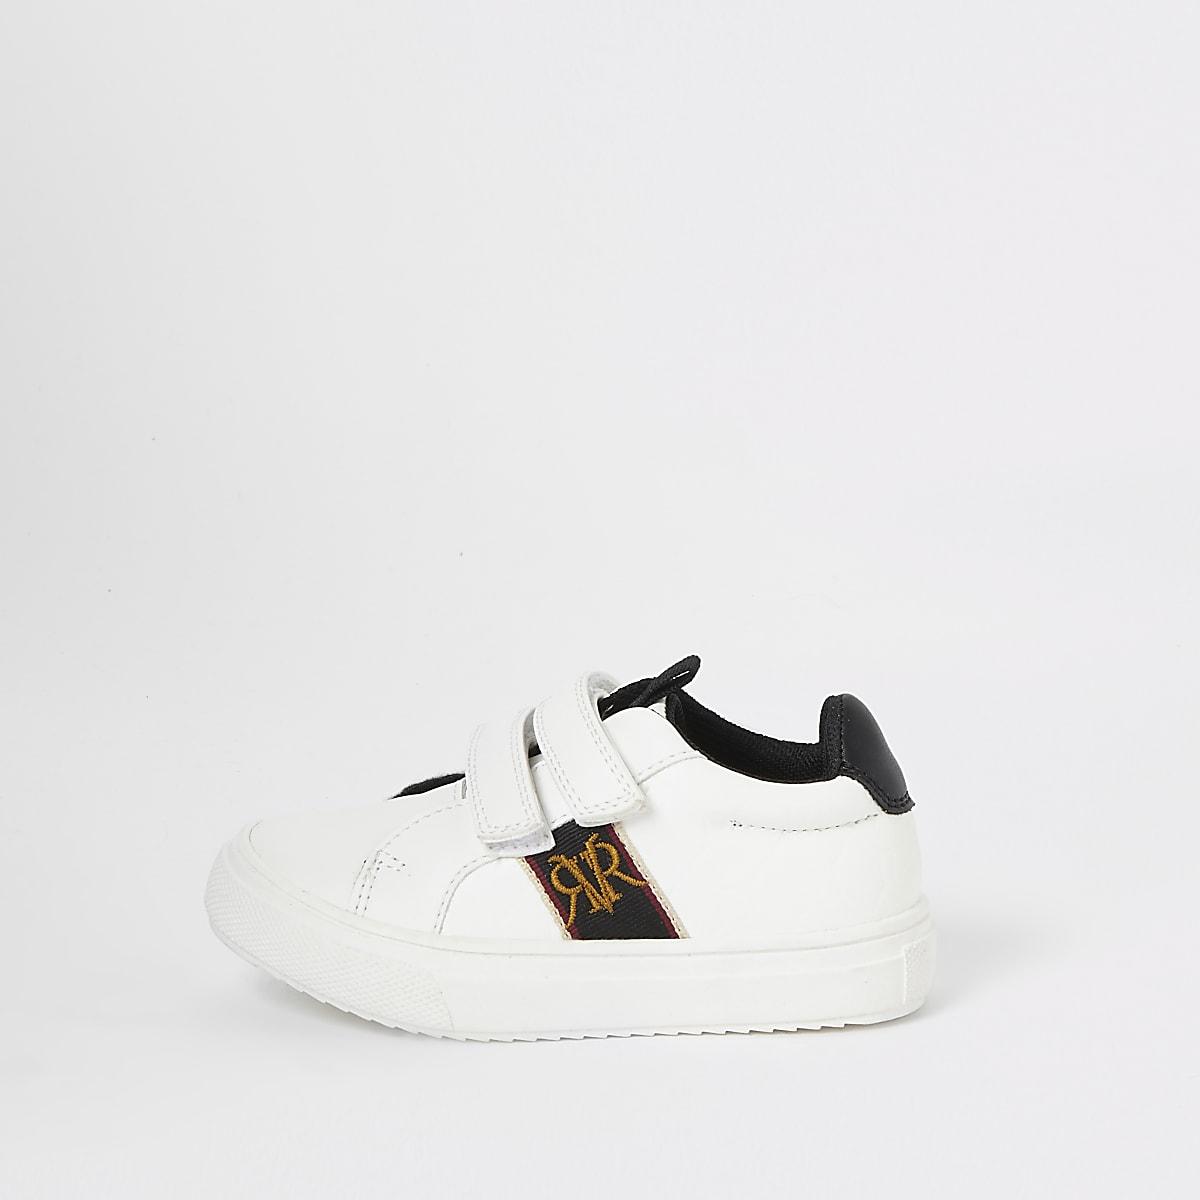 Mini - Witte sneakers met klittenband en RI-logo voor jongens